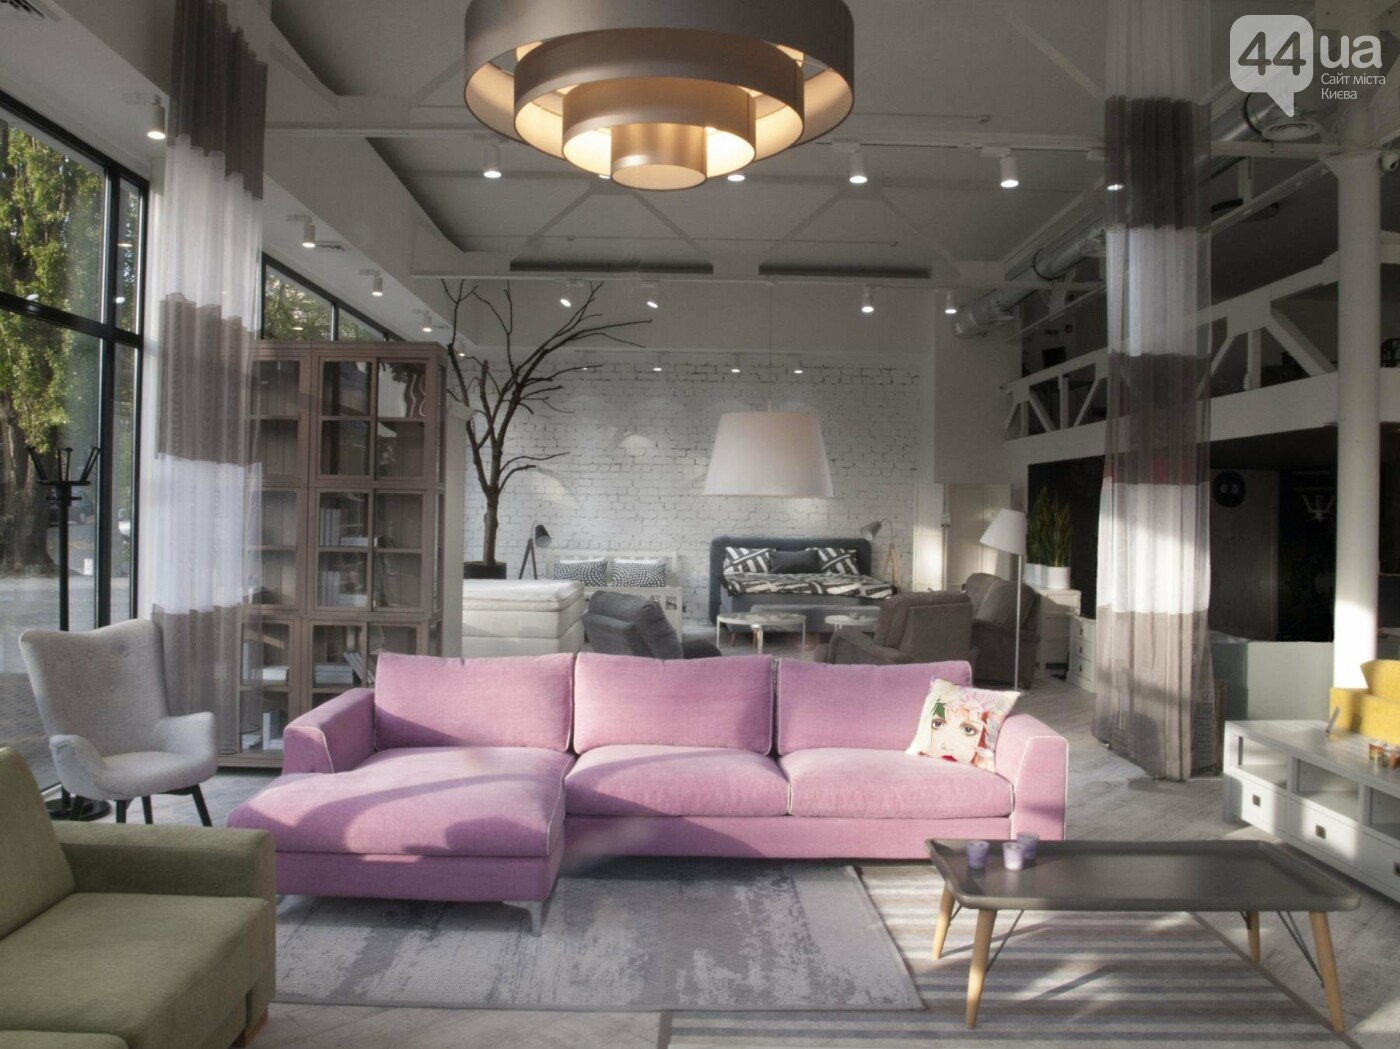 Обзор мебельных компаний Киева: какую мебель выбрать?, фото-39